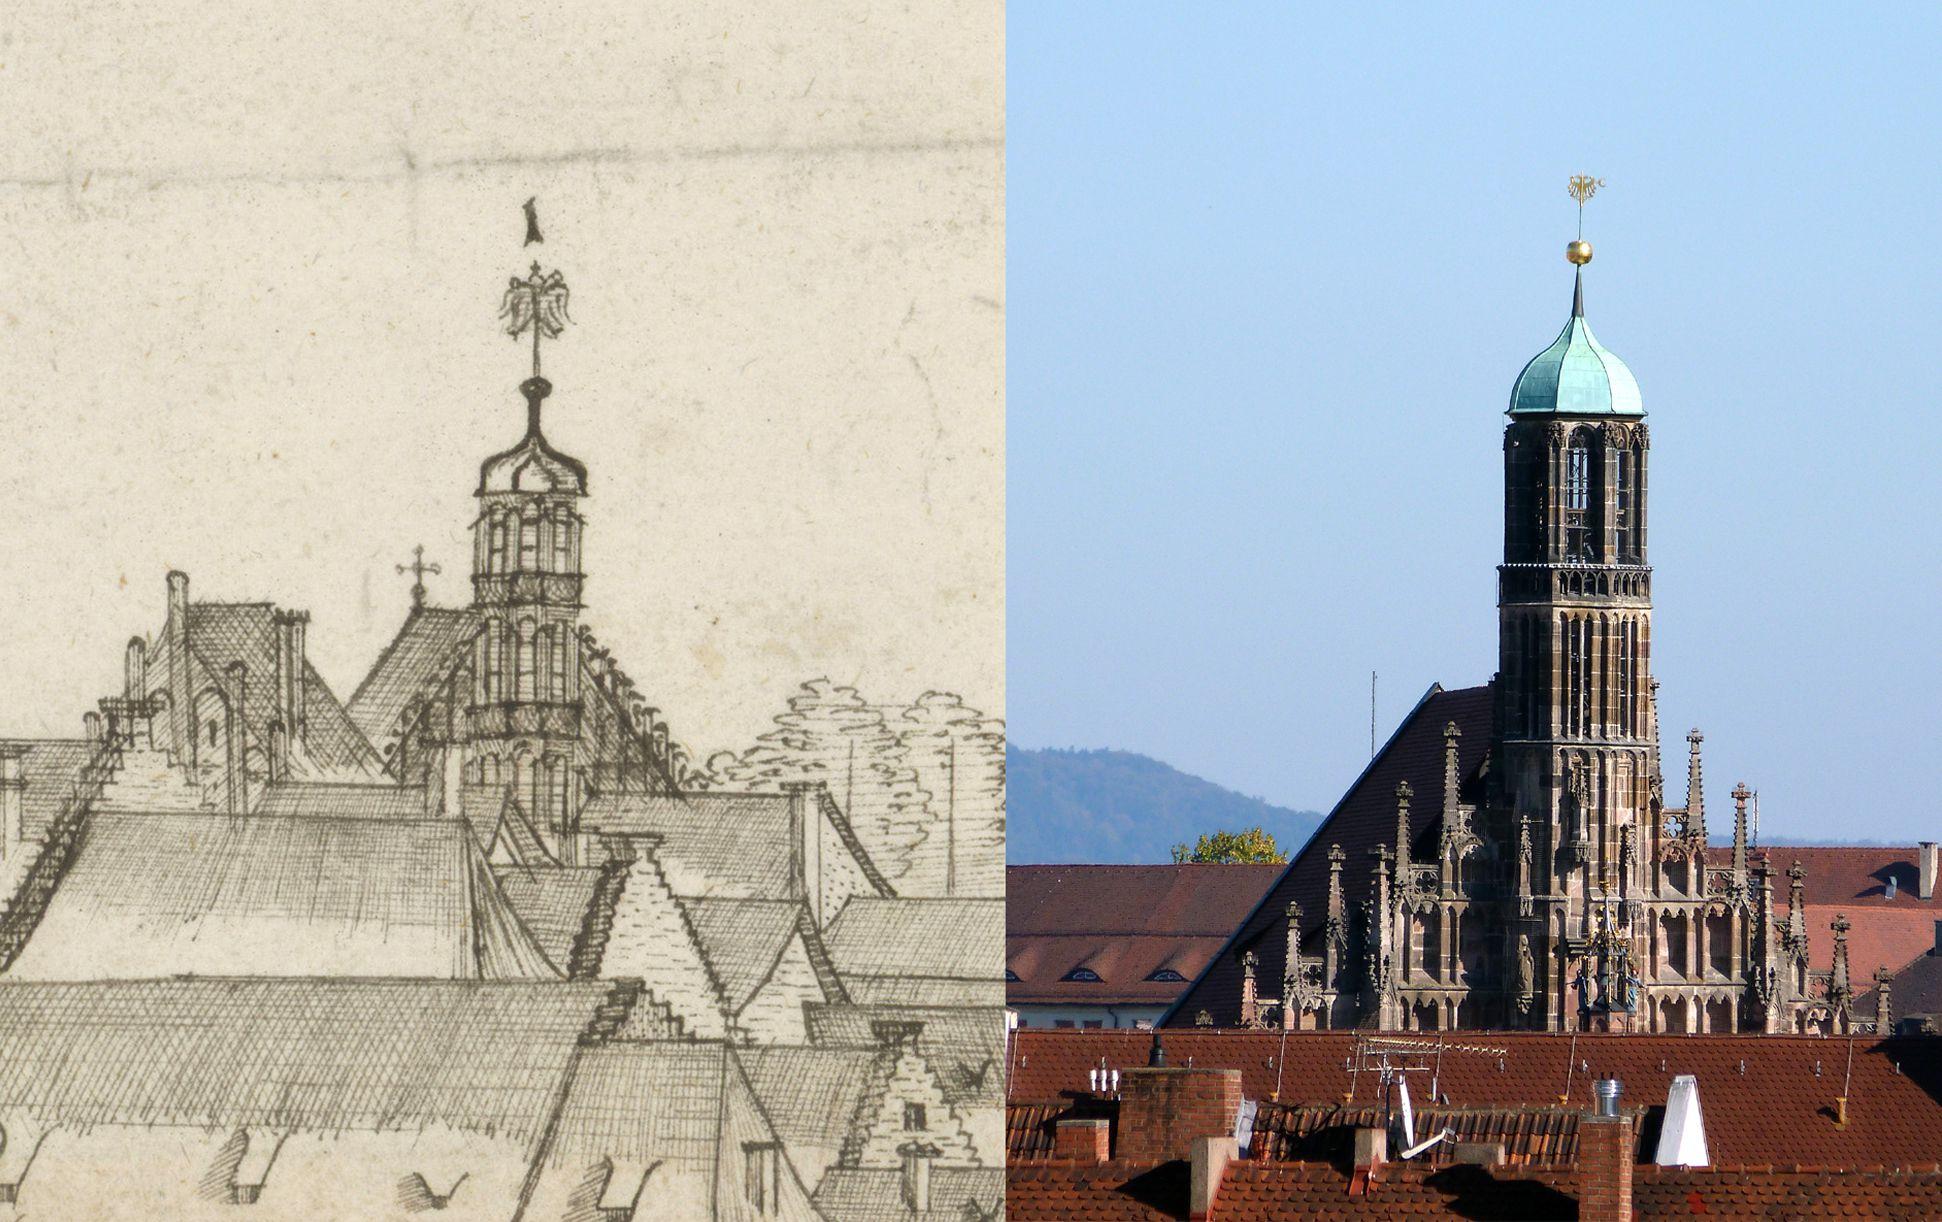 Panoramadarstellung der Stadt Nürnberg von Westen Gegenüberstellung Detail Frauenkirche und heutiger Zustand